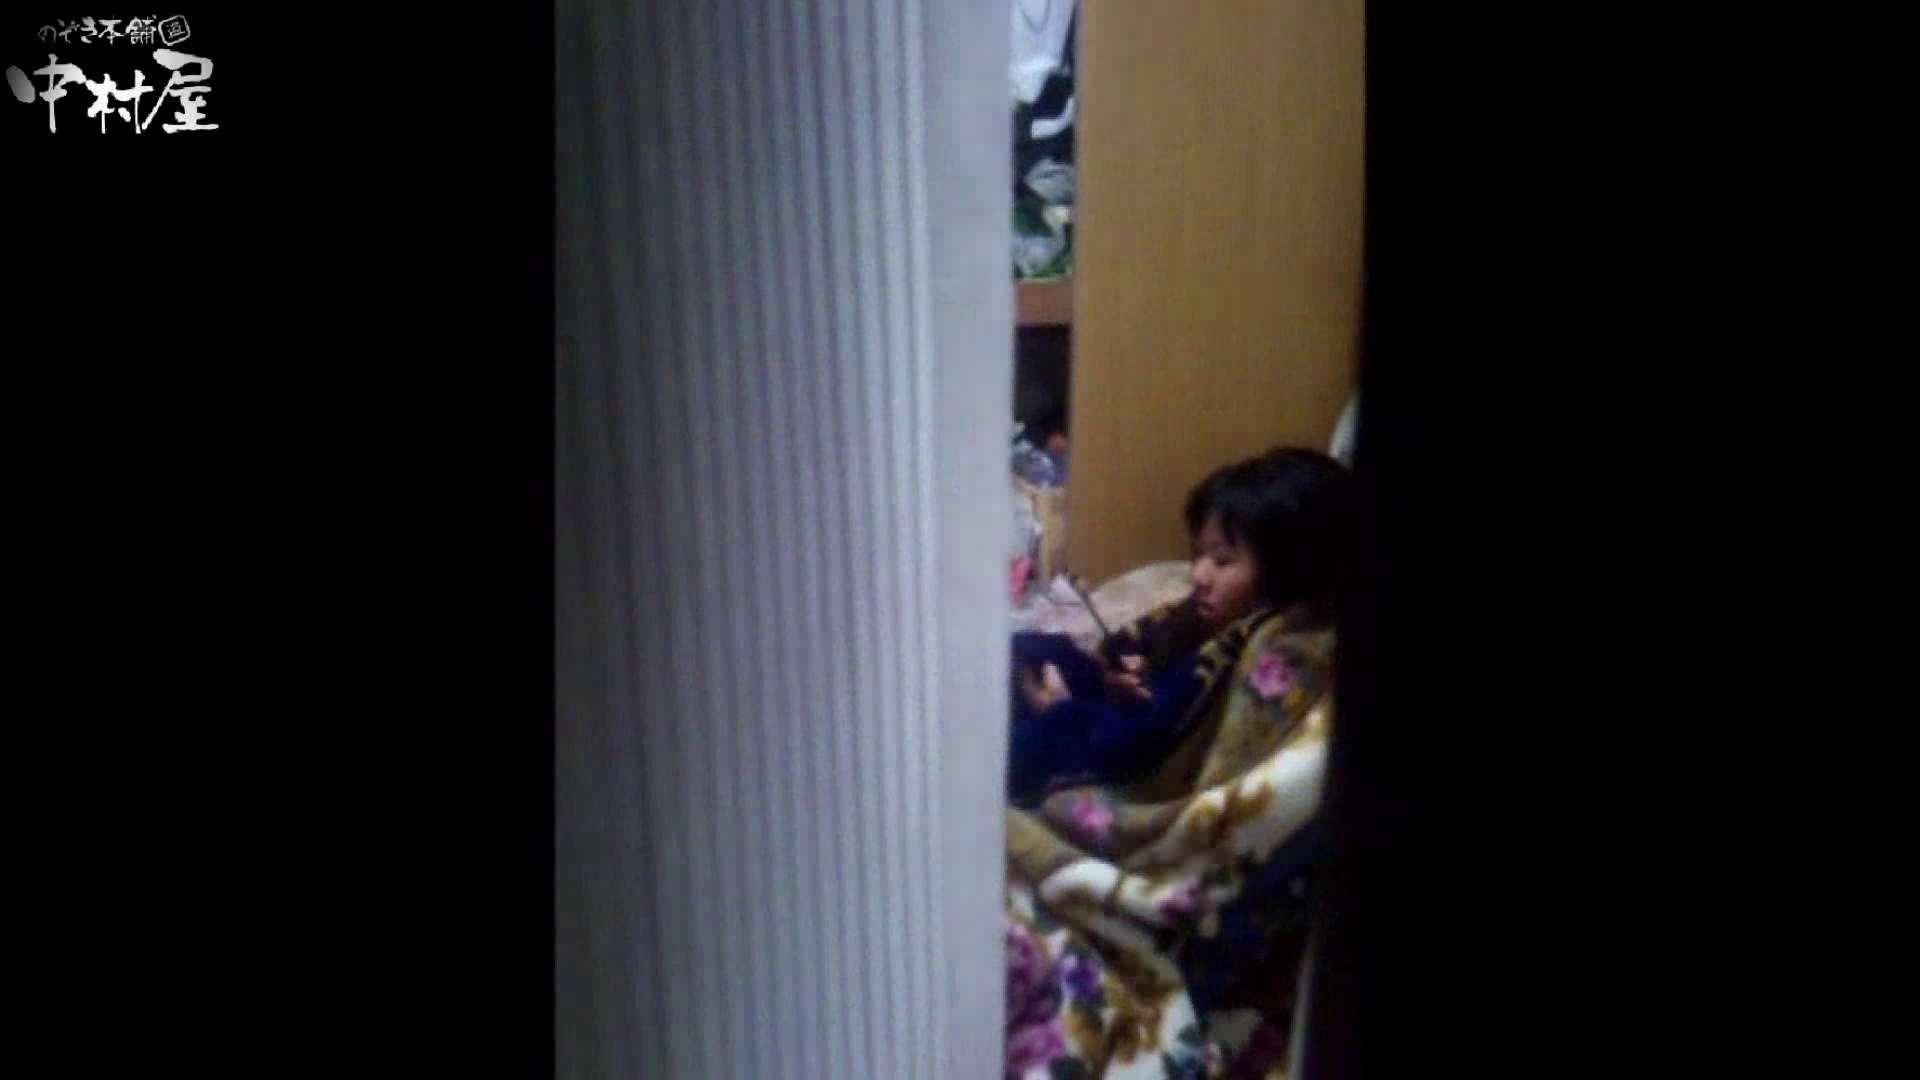 民家風呂専門盗撮師の超危険映像 vol.012 美女 エロ画像 94連発 92